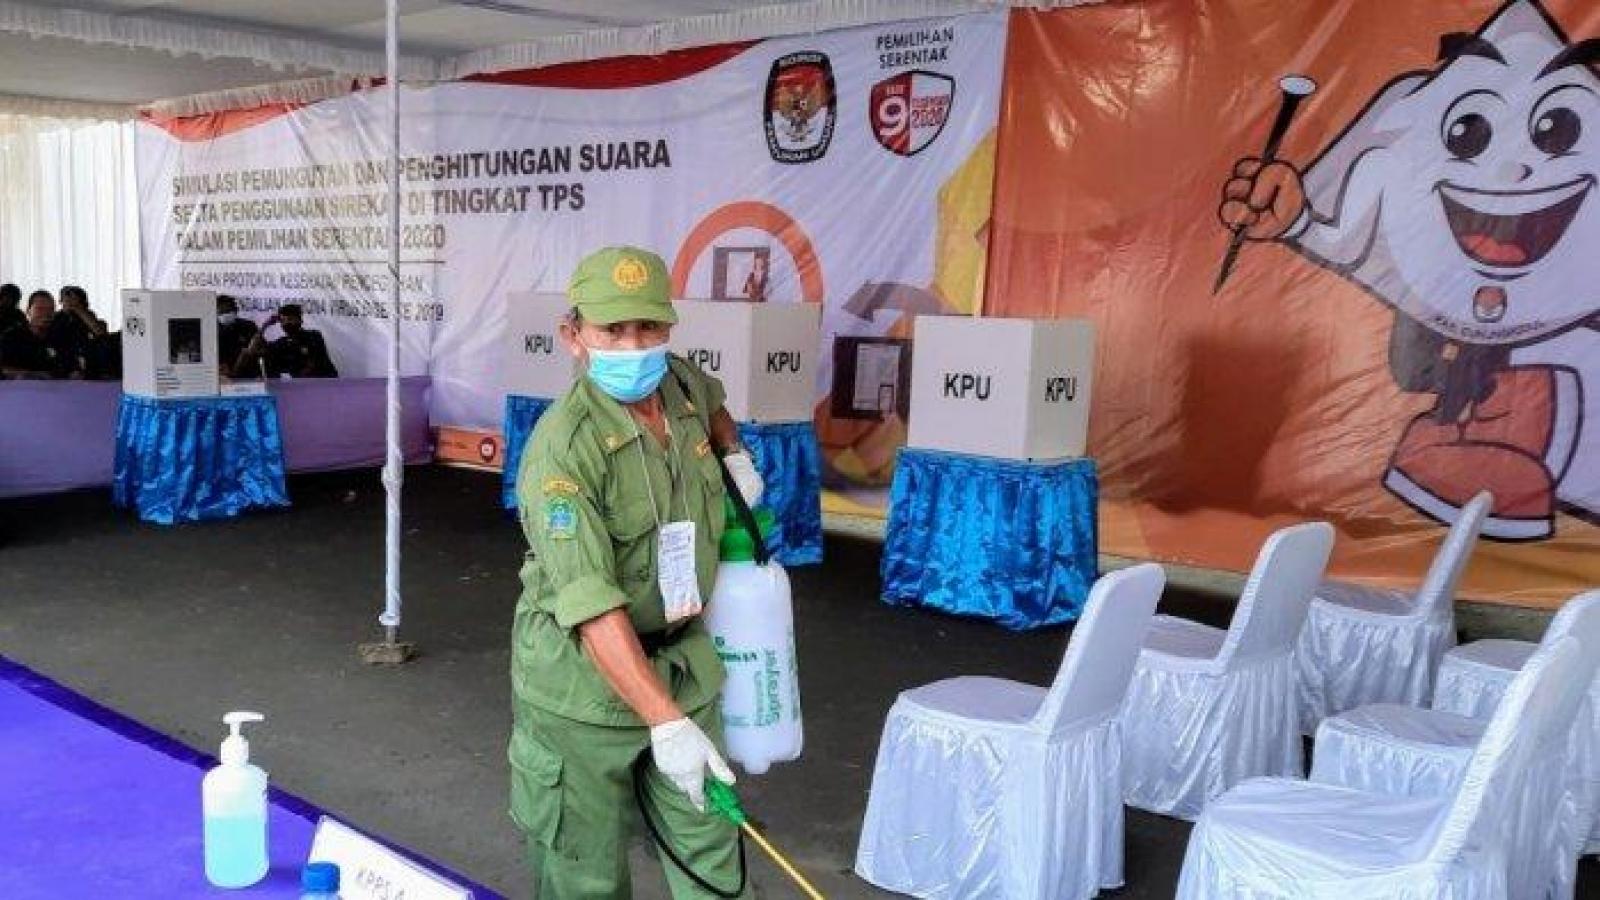 Indonesia thắt chặt giao thức y tế trước bầu cử khu vực 2020